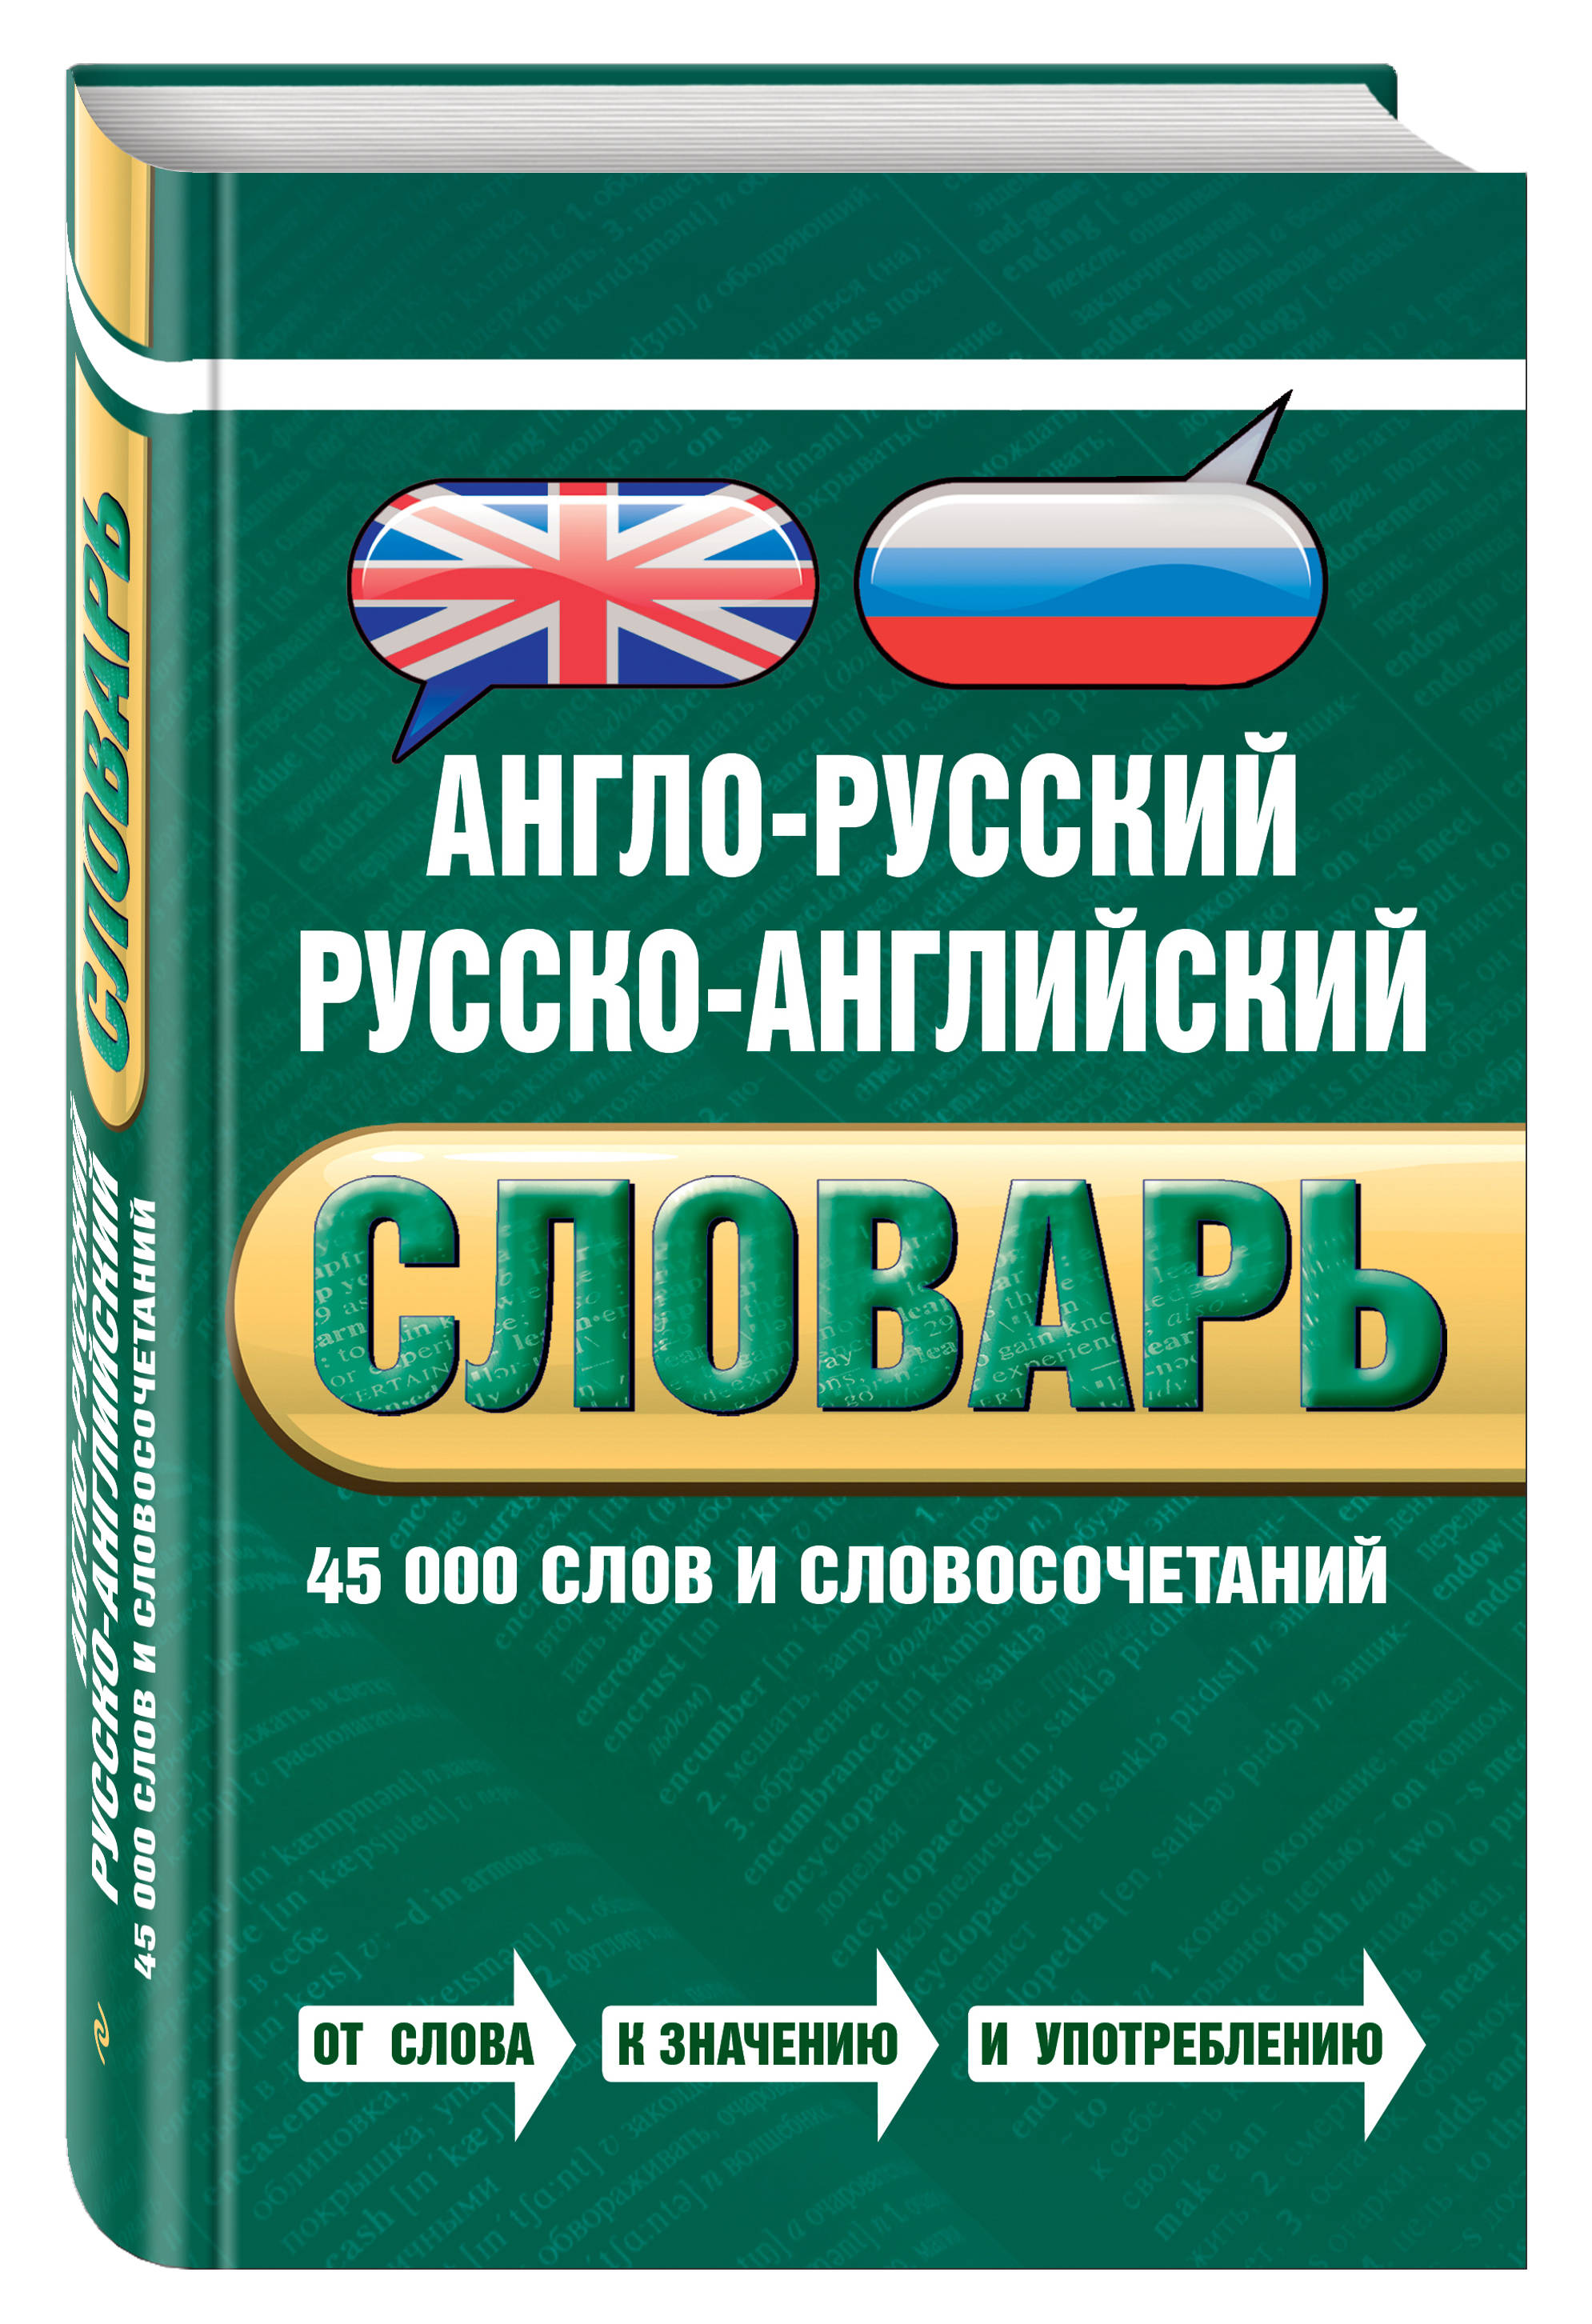 Англо-русский русско-английский словарь. 45 000 слов и словосочетаний